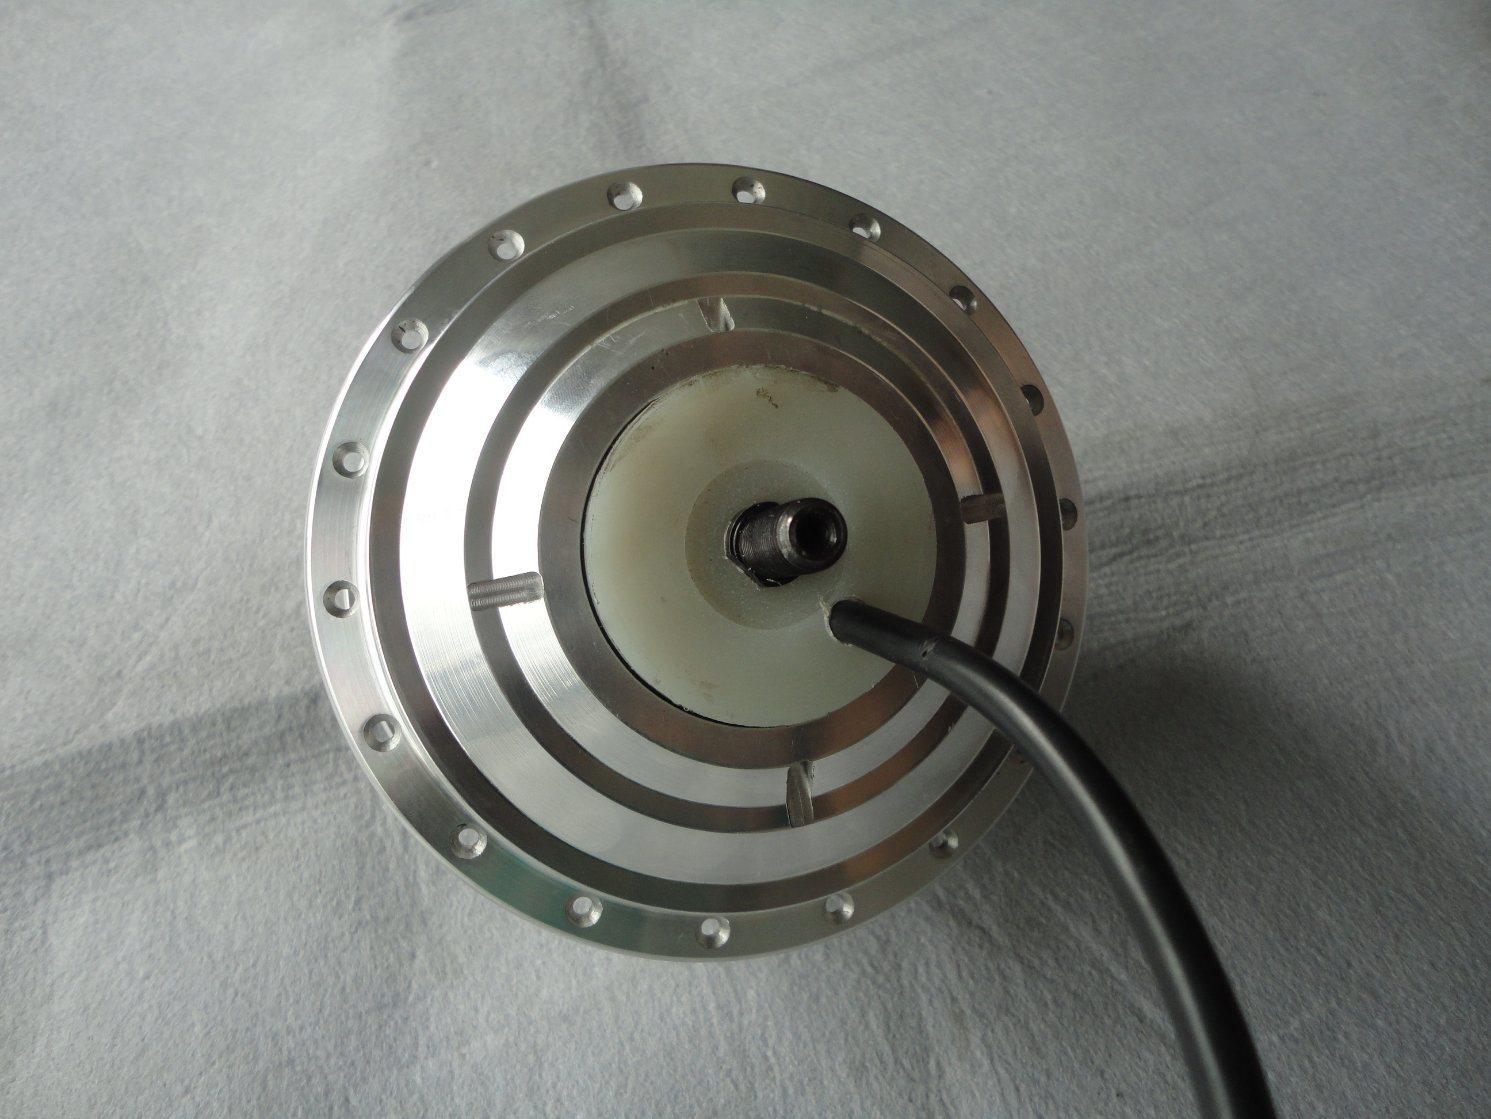 5kw Brushless Gearless Electric Bike Motor Hub Motor